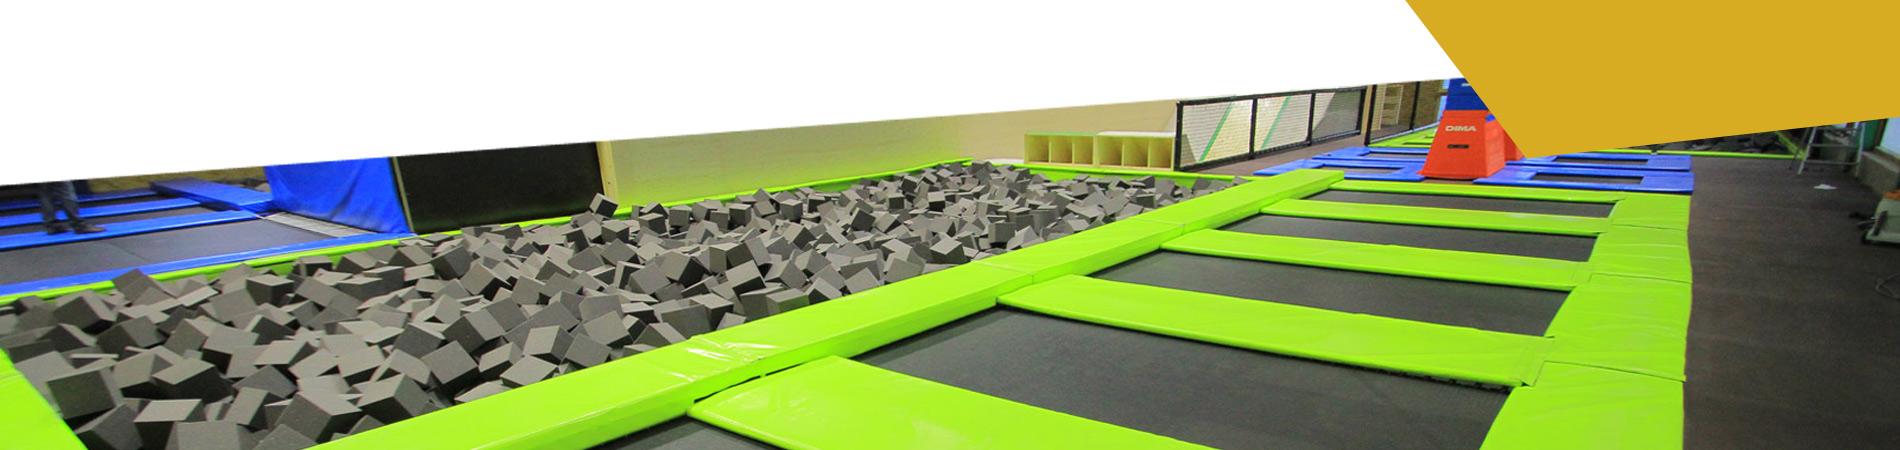 salle-trampoline5